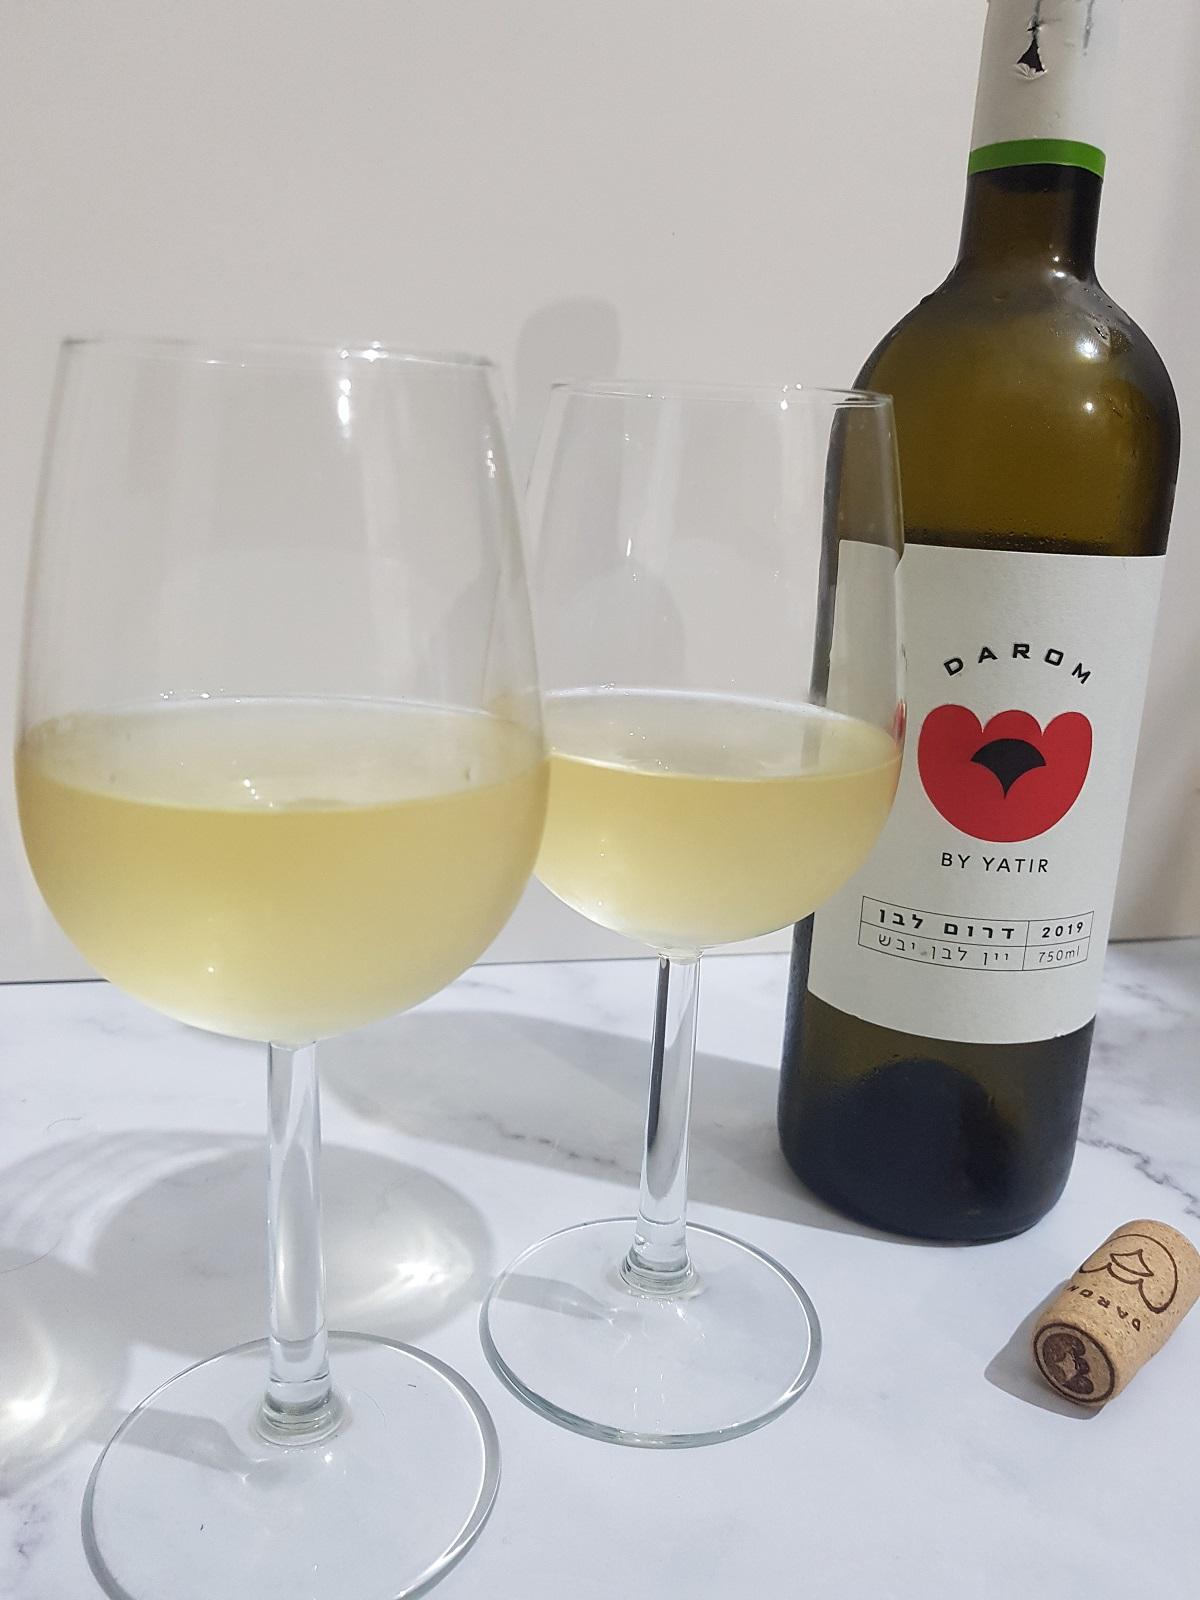 בקבוק יין דרום לבן של יקב יתיר. צילום: מגזין שותים